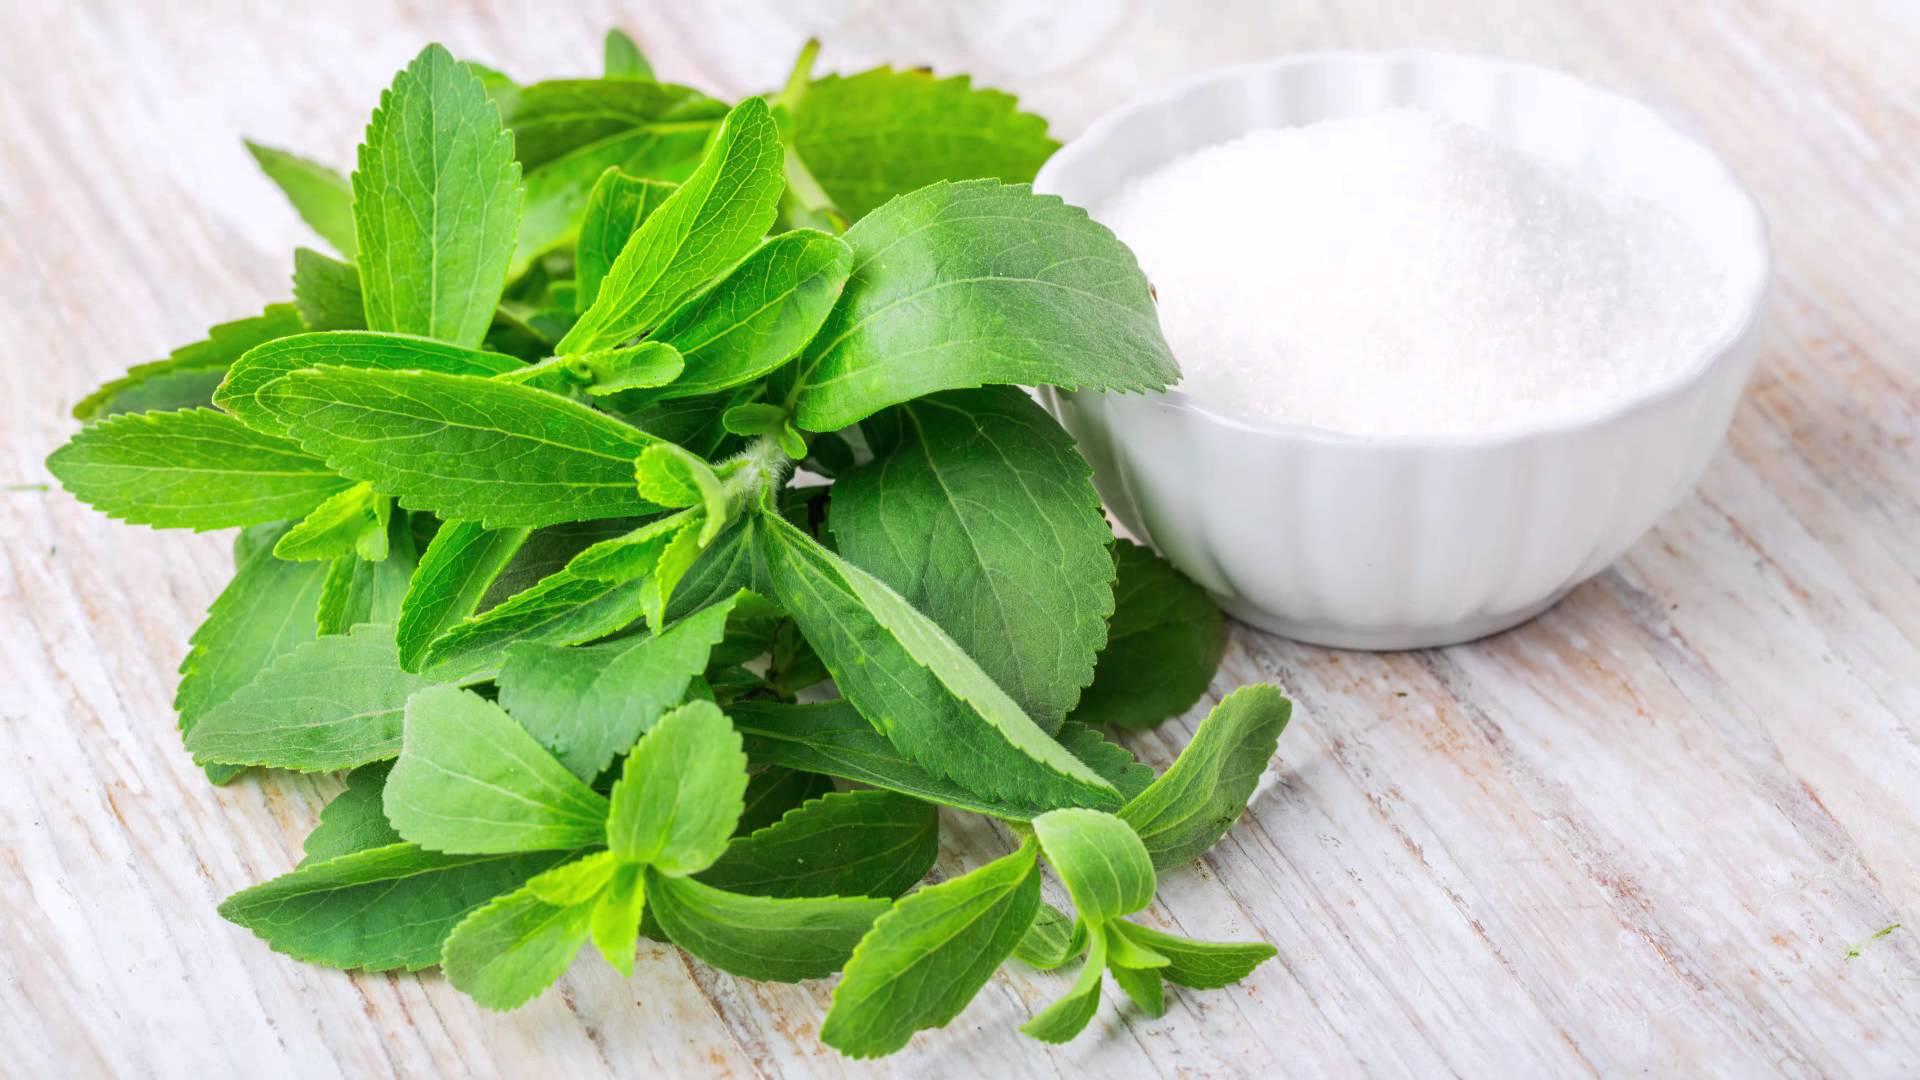 intolerancia a la stevia